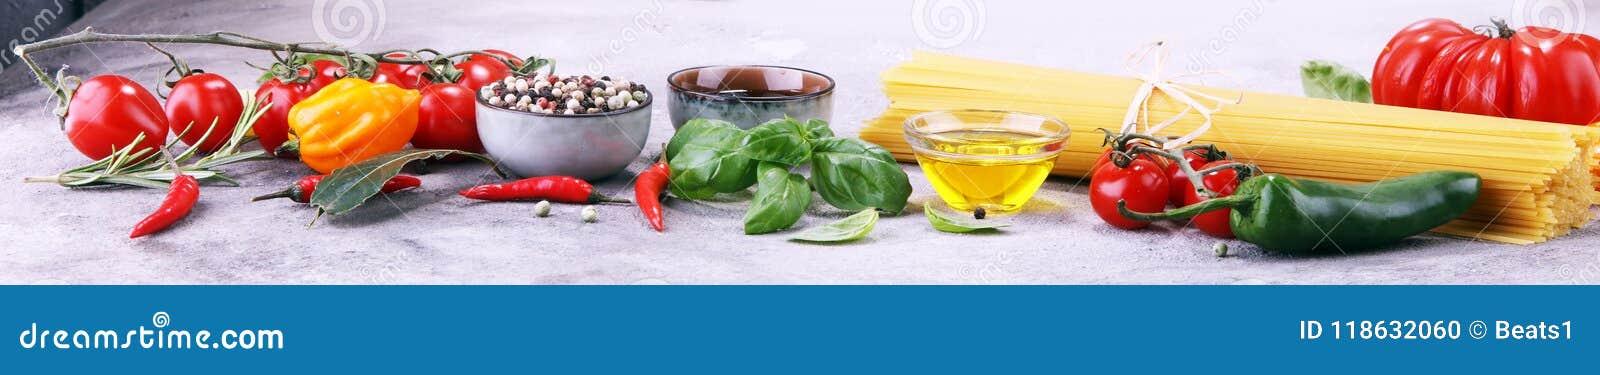 Ιταλικό υπόβαθρο τροφίμων με τους διαφορετικούς τύπους ζυμαρικών, υγεία ή